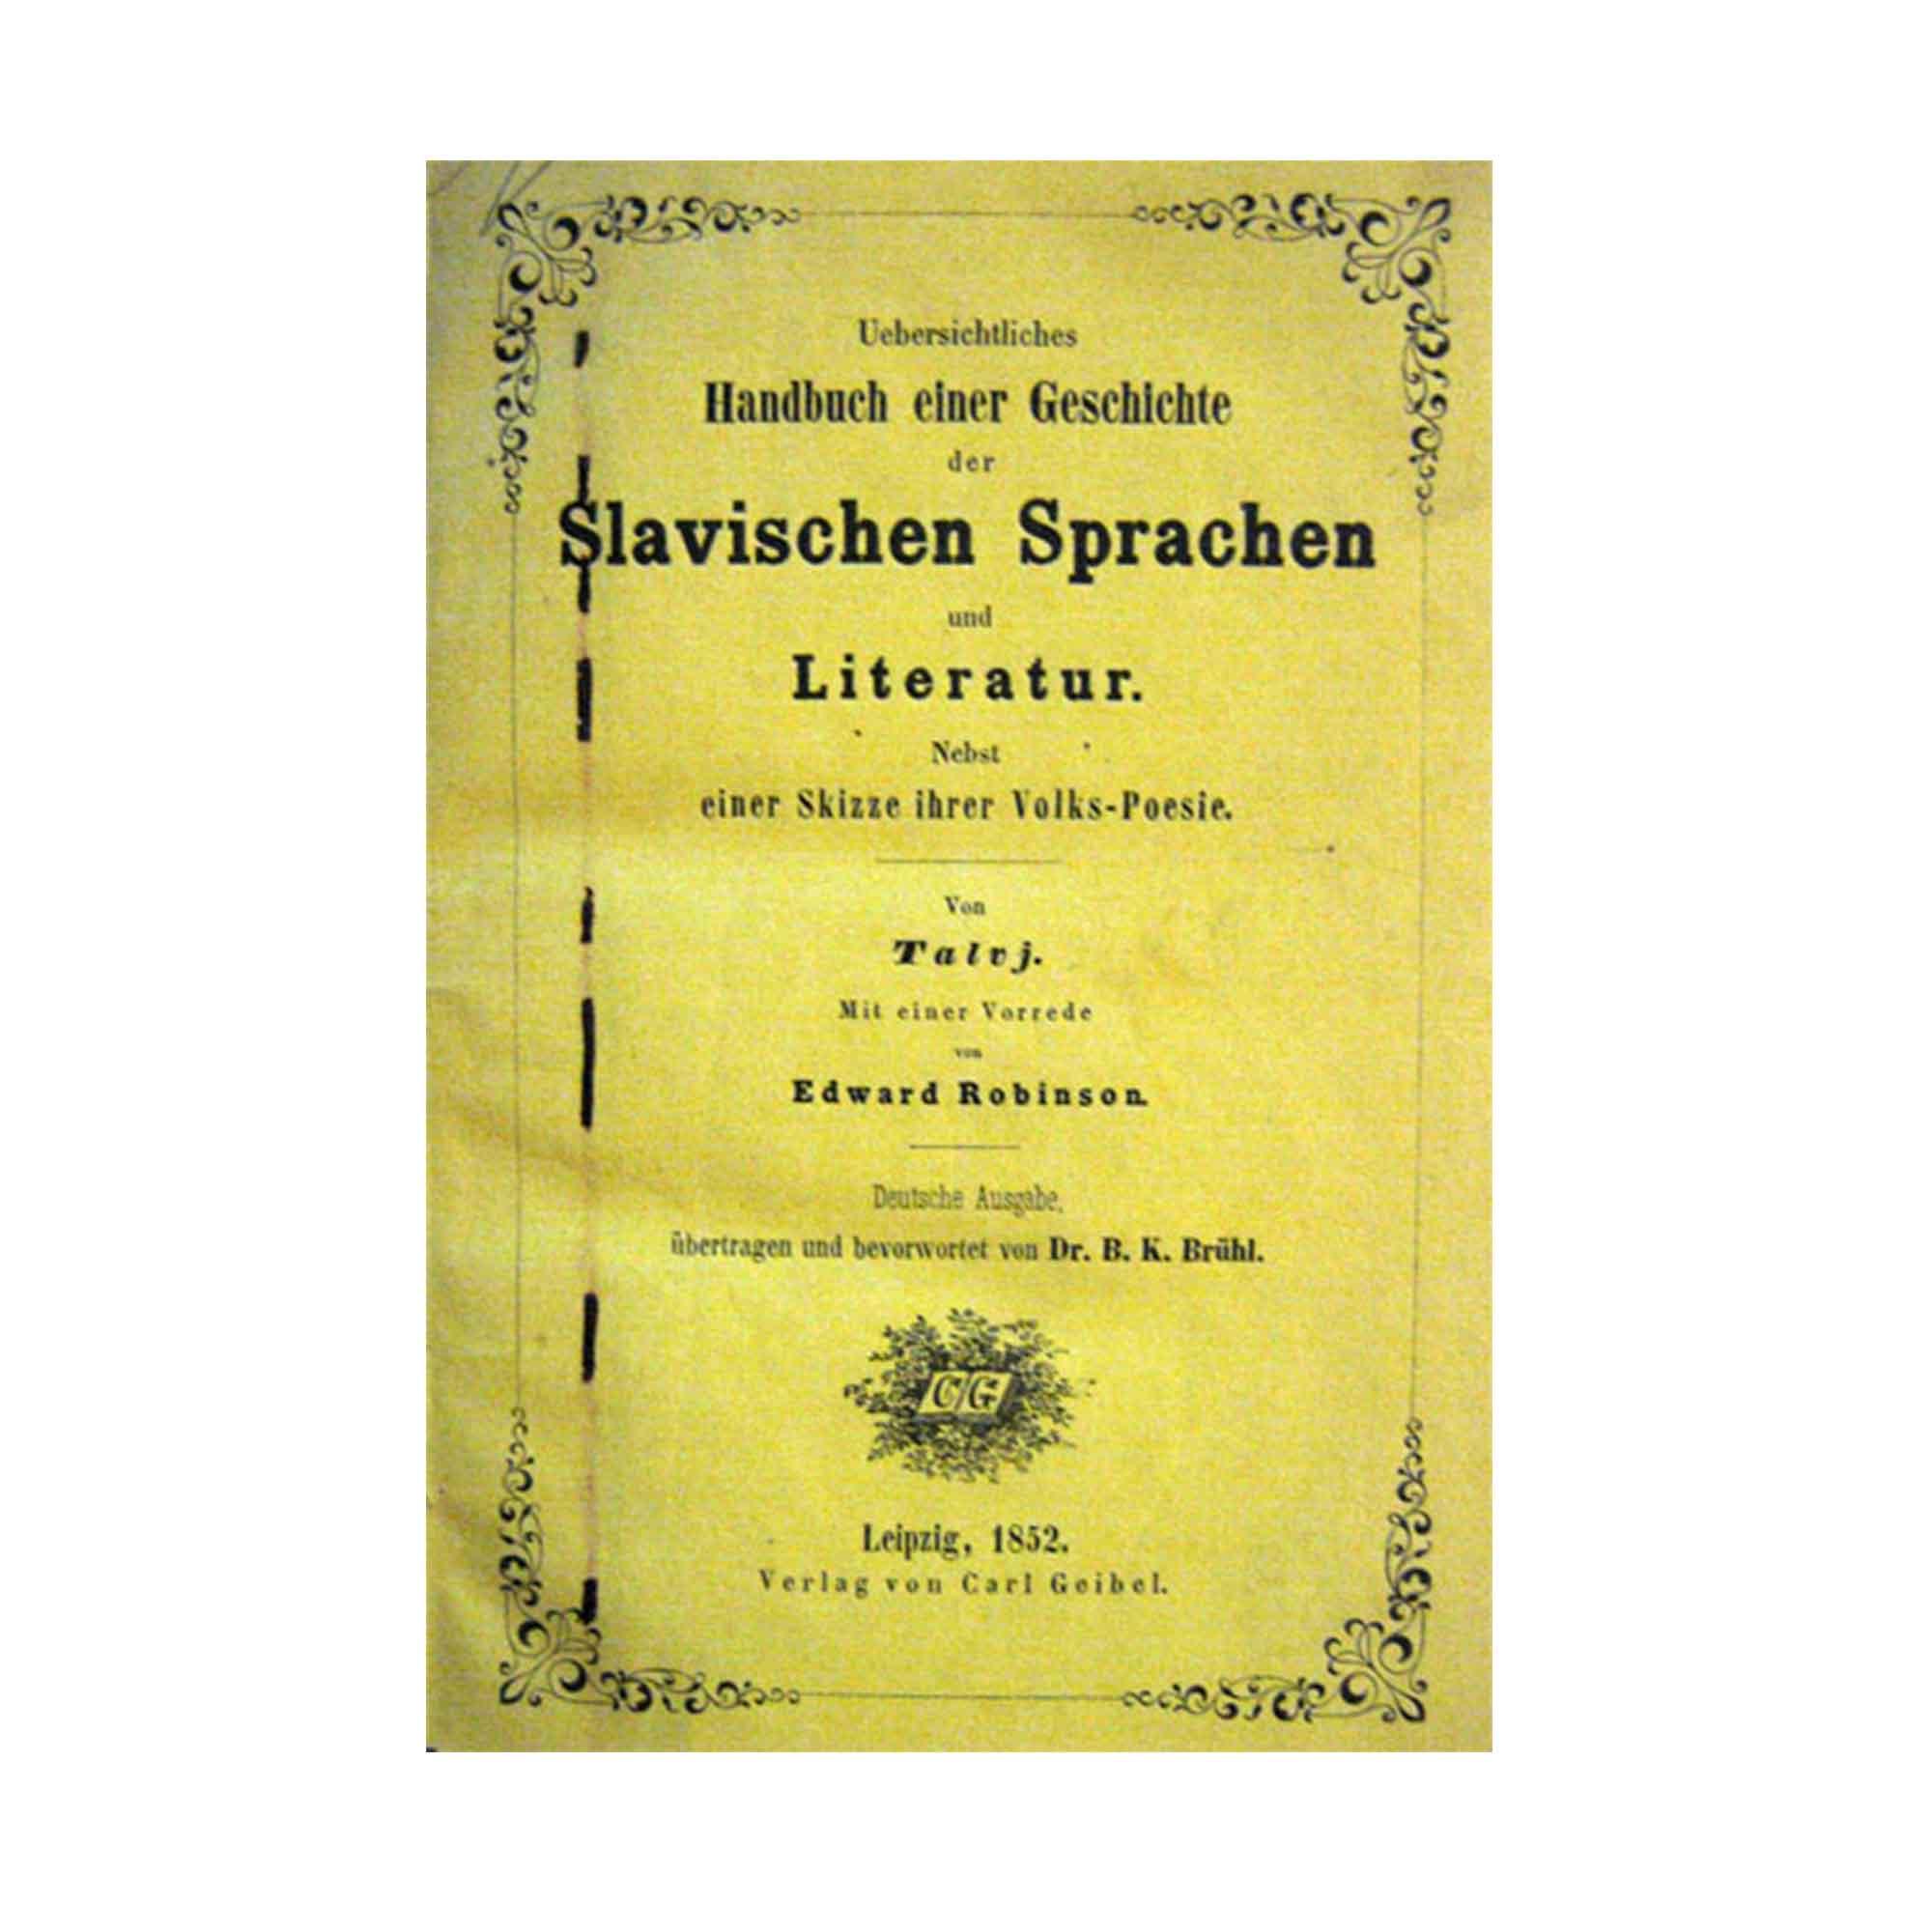 1003-Talvj-Slavische-Sprachen-1853-N.jpg